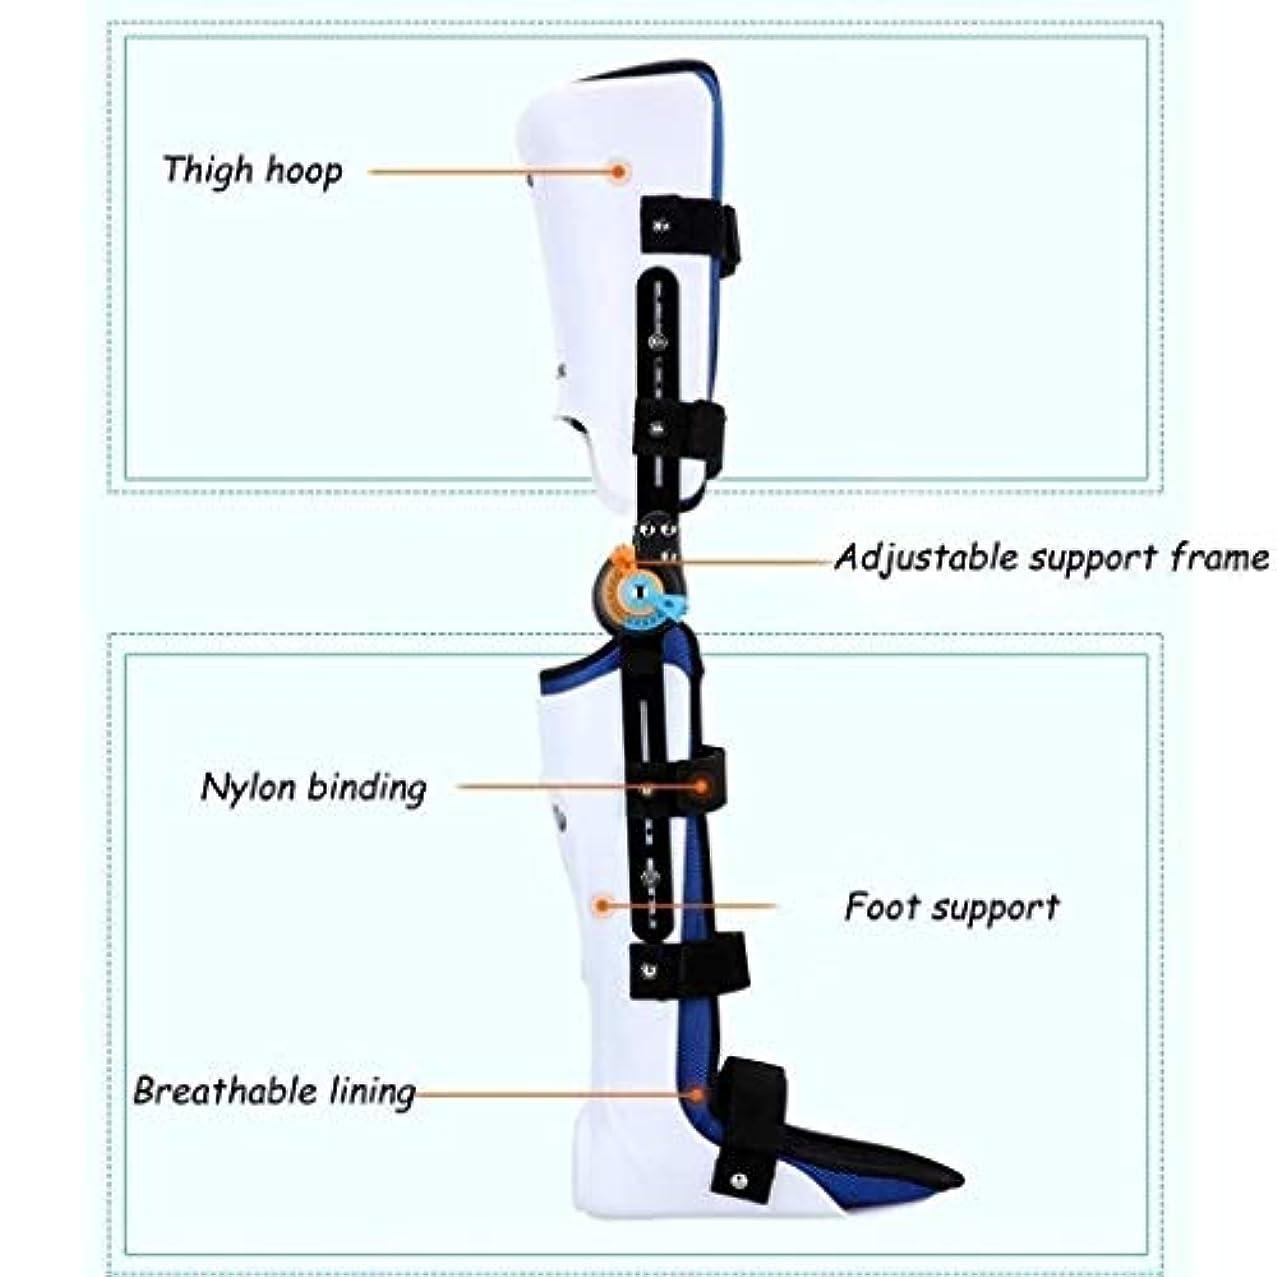 検査たらいましいヒンジ付きROM膝ブレース、膝蓋骨損傷イモビライザーサポート医療整形外科用ガードプロテクター-ACL、靭帯、スポーツ傷害用の調整可能なフルレッグスタビライザー (Color : As Picture, Size : Left)